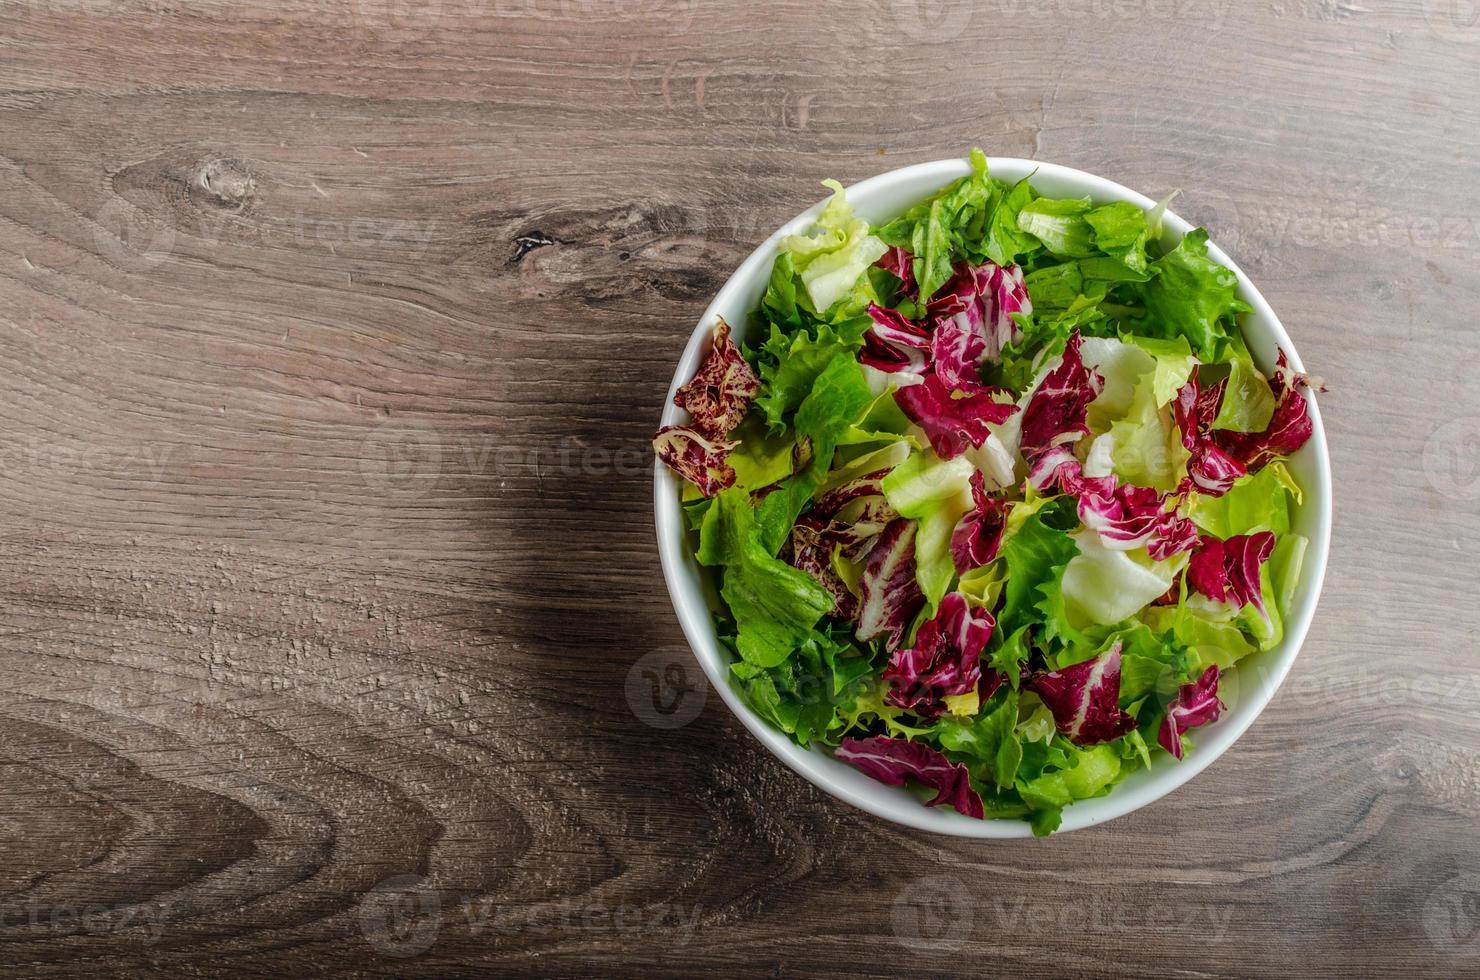 groentesalade met andijvie foto